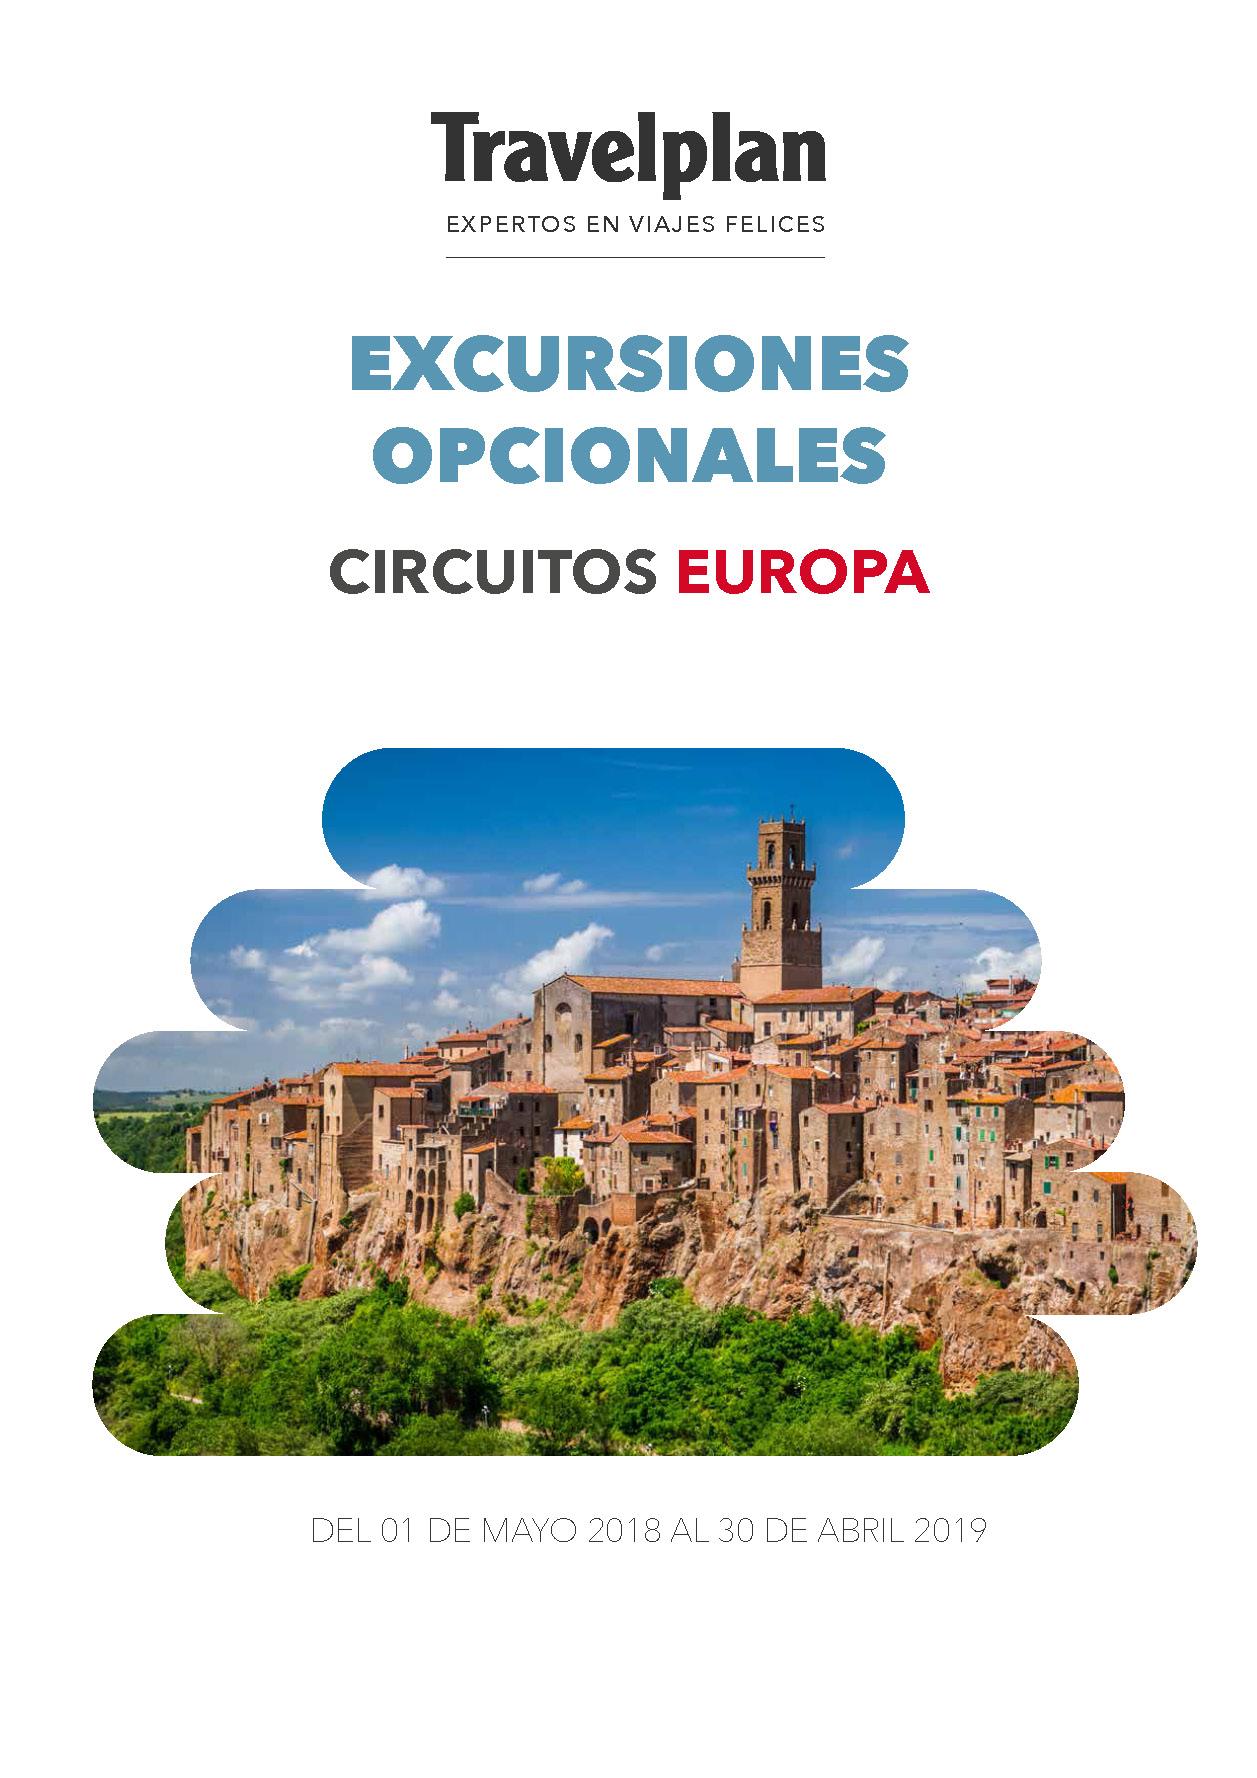 Catalogo Travelplan Excursiones Opcionales en Europa